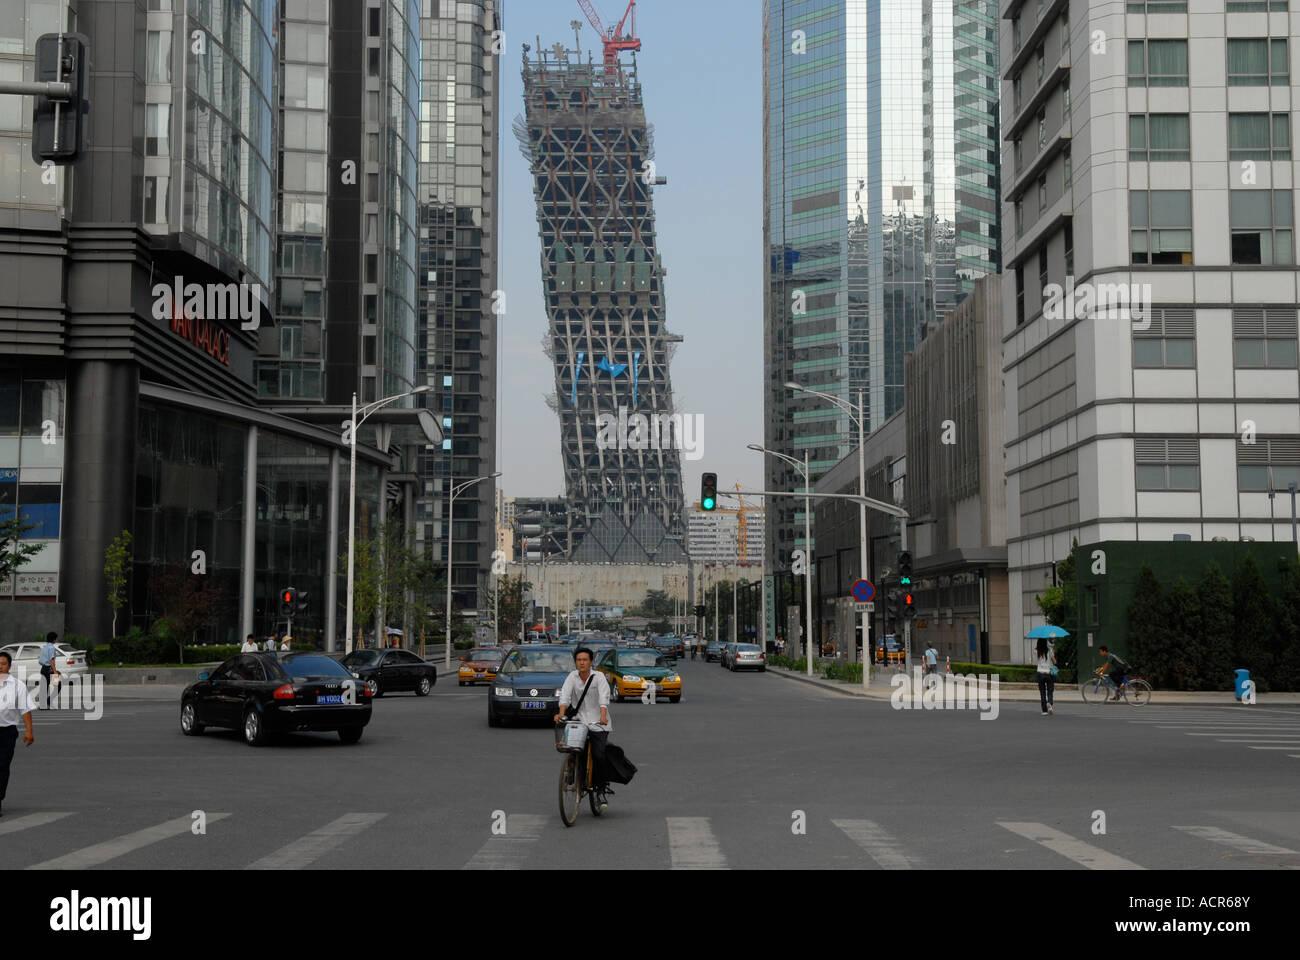 Le bâtiment de CCTV en construction dans la zone centre-ville de Guo Mao à Beijing, Chine. Juillet 2007. Photo Stock